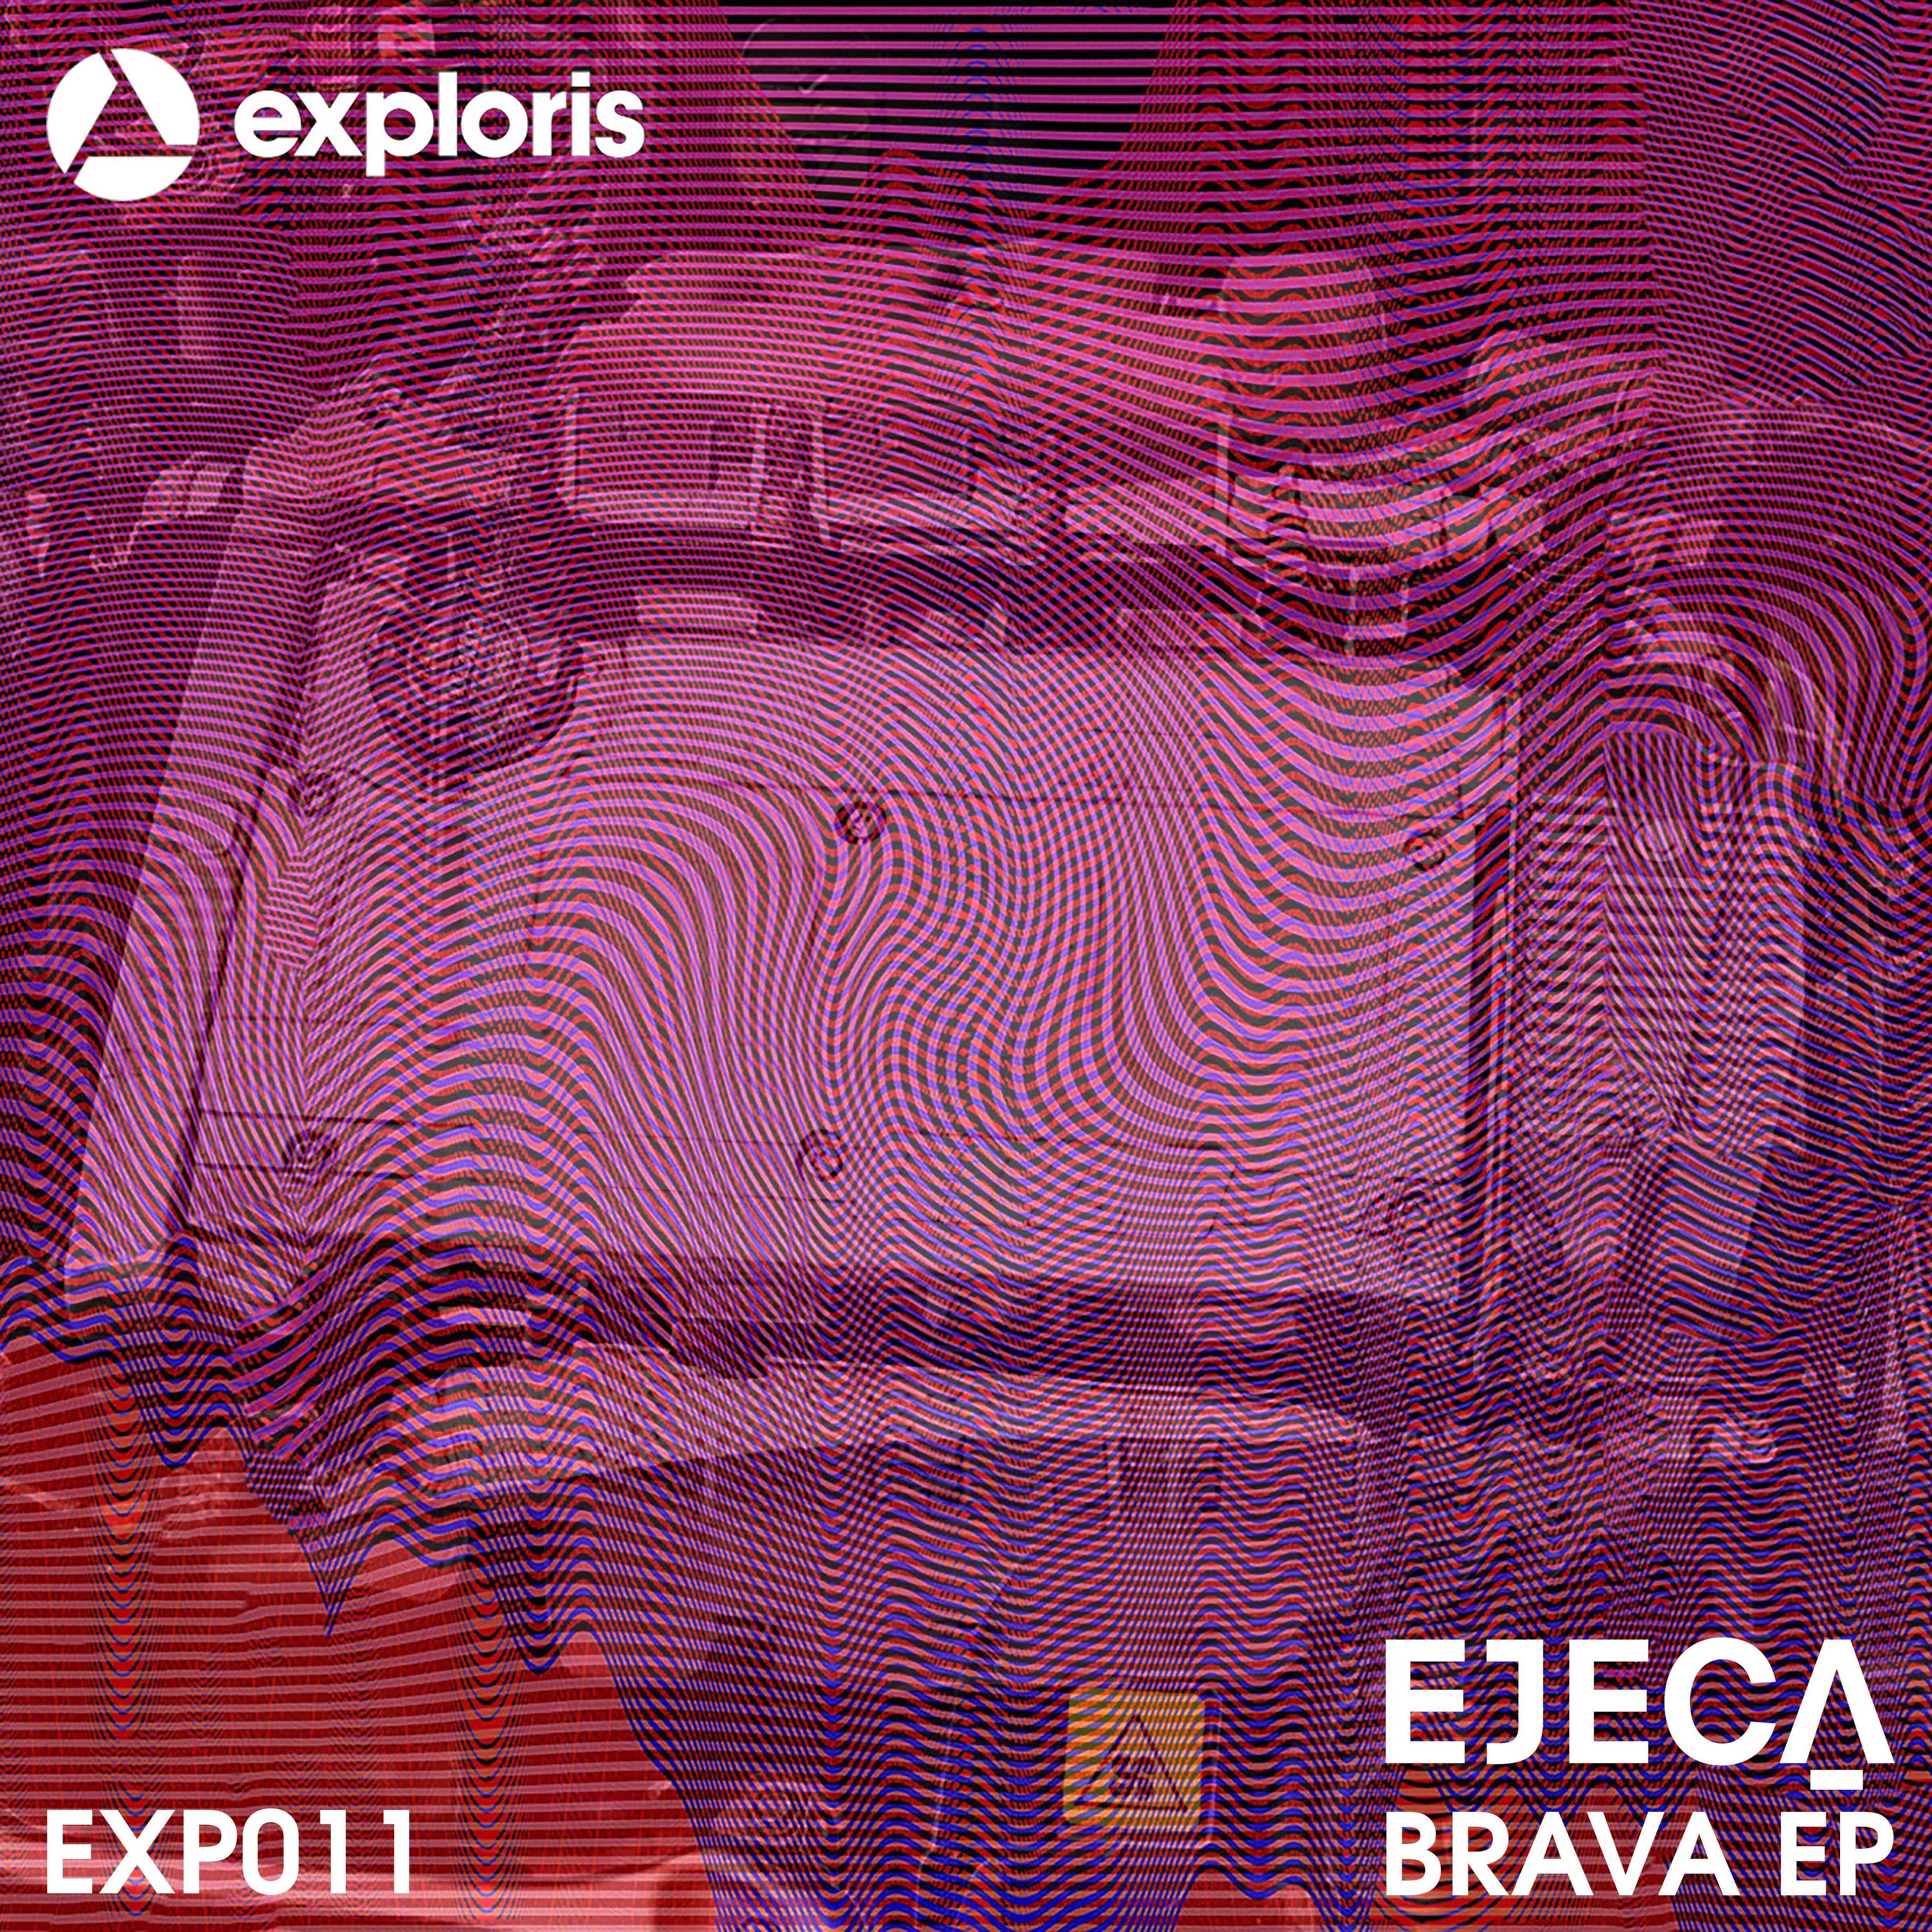 Ejeca – The Trap (Exploris)